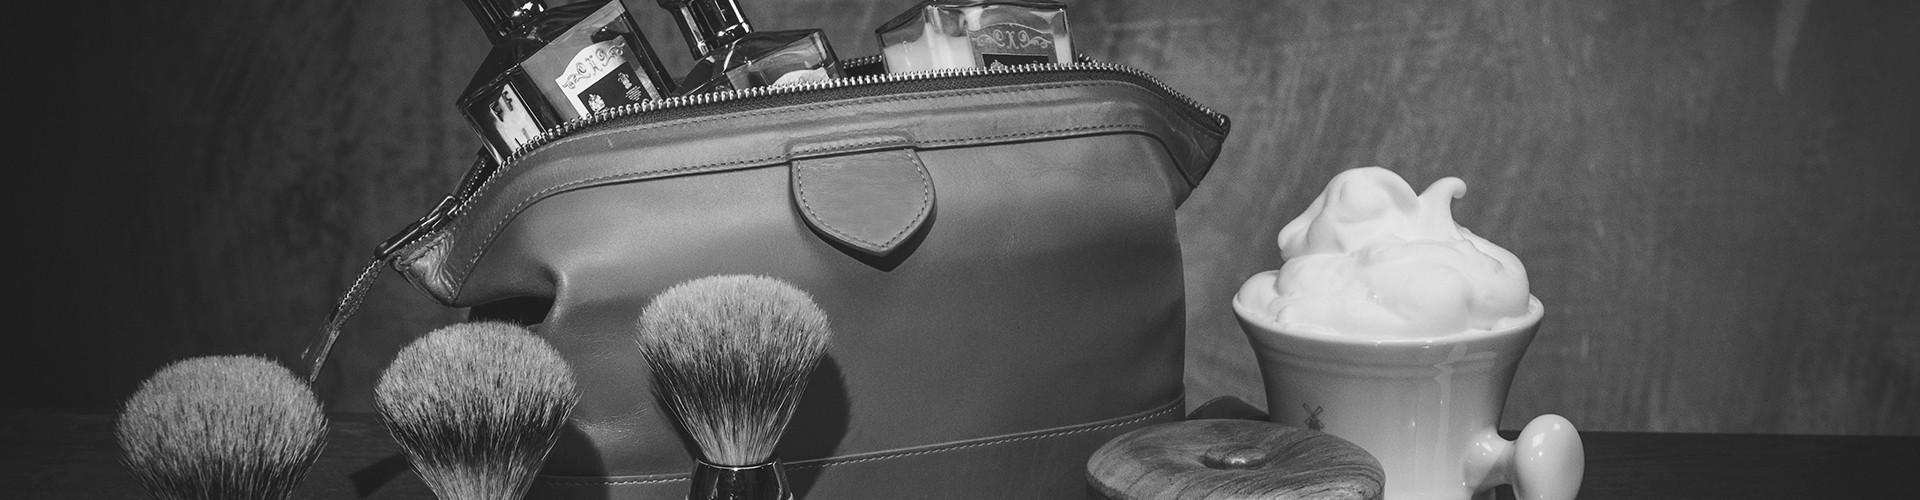 Produits pour l'entretien de la barbe et des moustaches